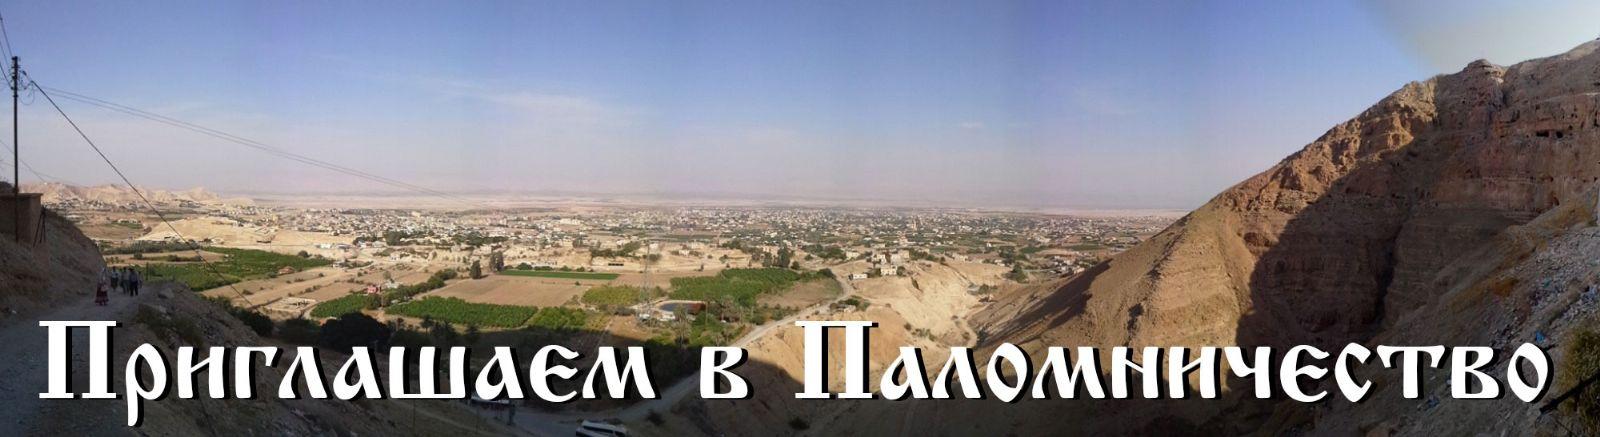 25 октября 2006 казанские ведомости: